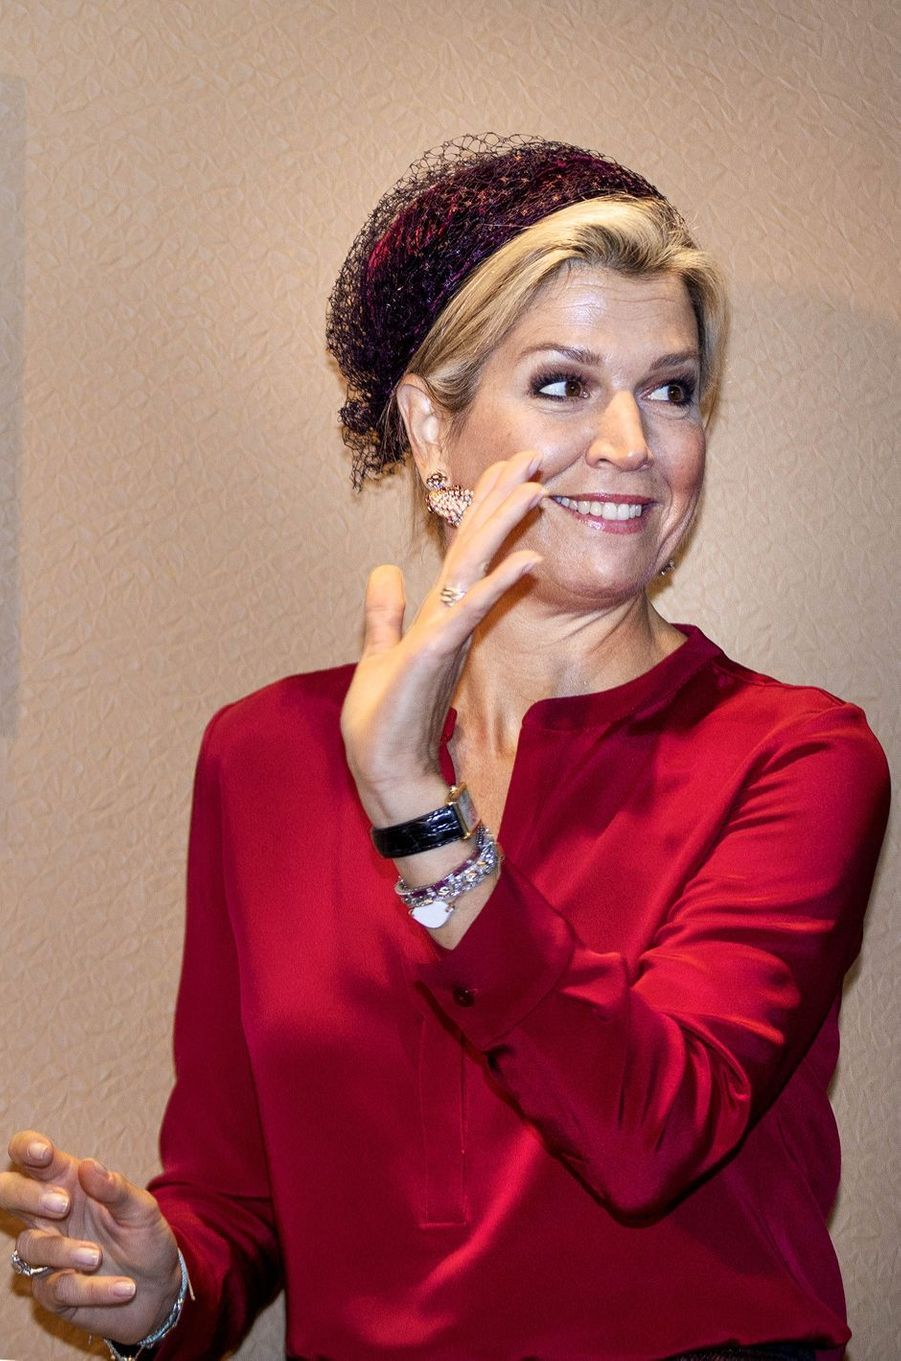 La reine Maxima des Pays-Bas à La Haye, le 17 octobre 2018 au matin